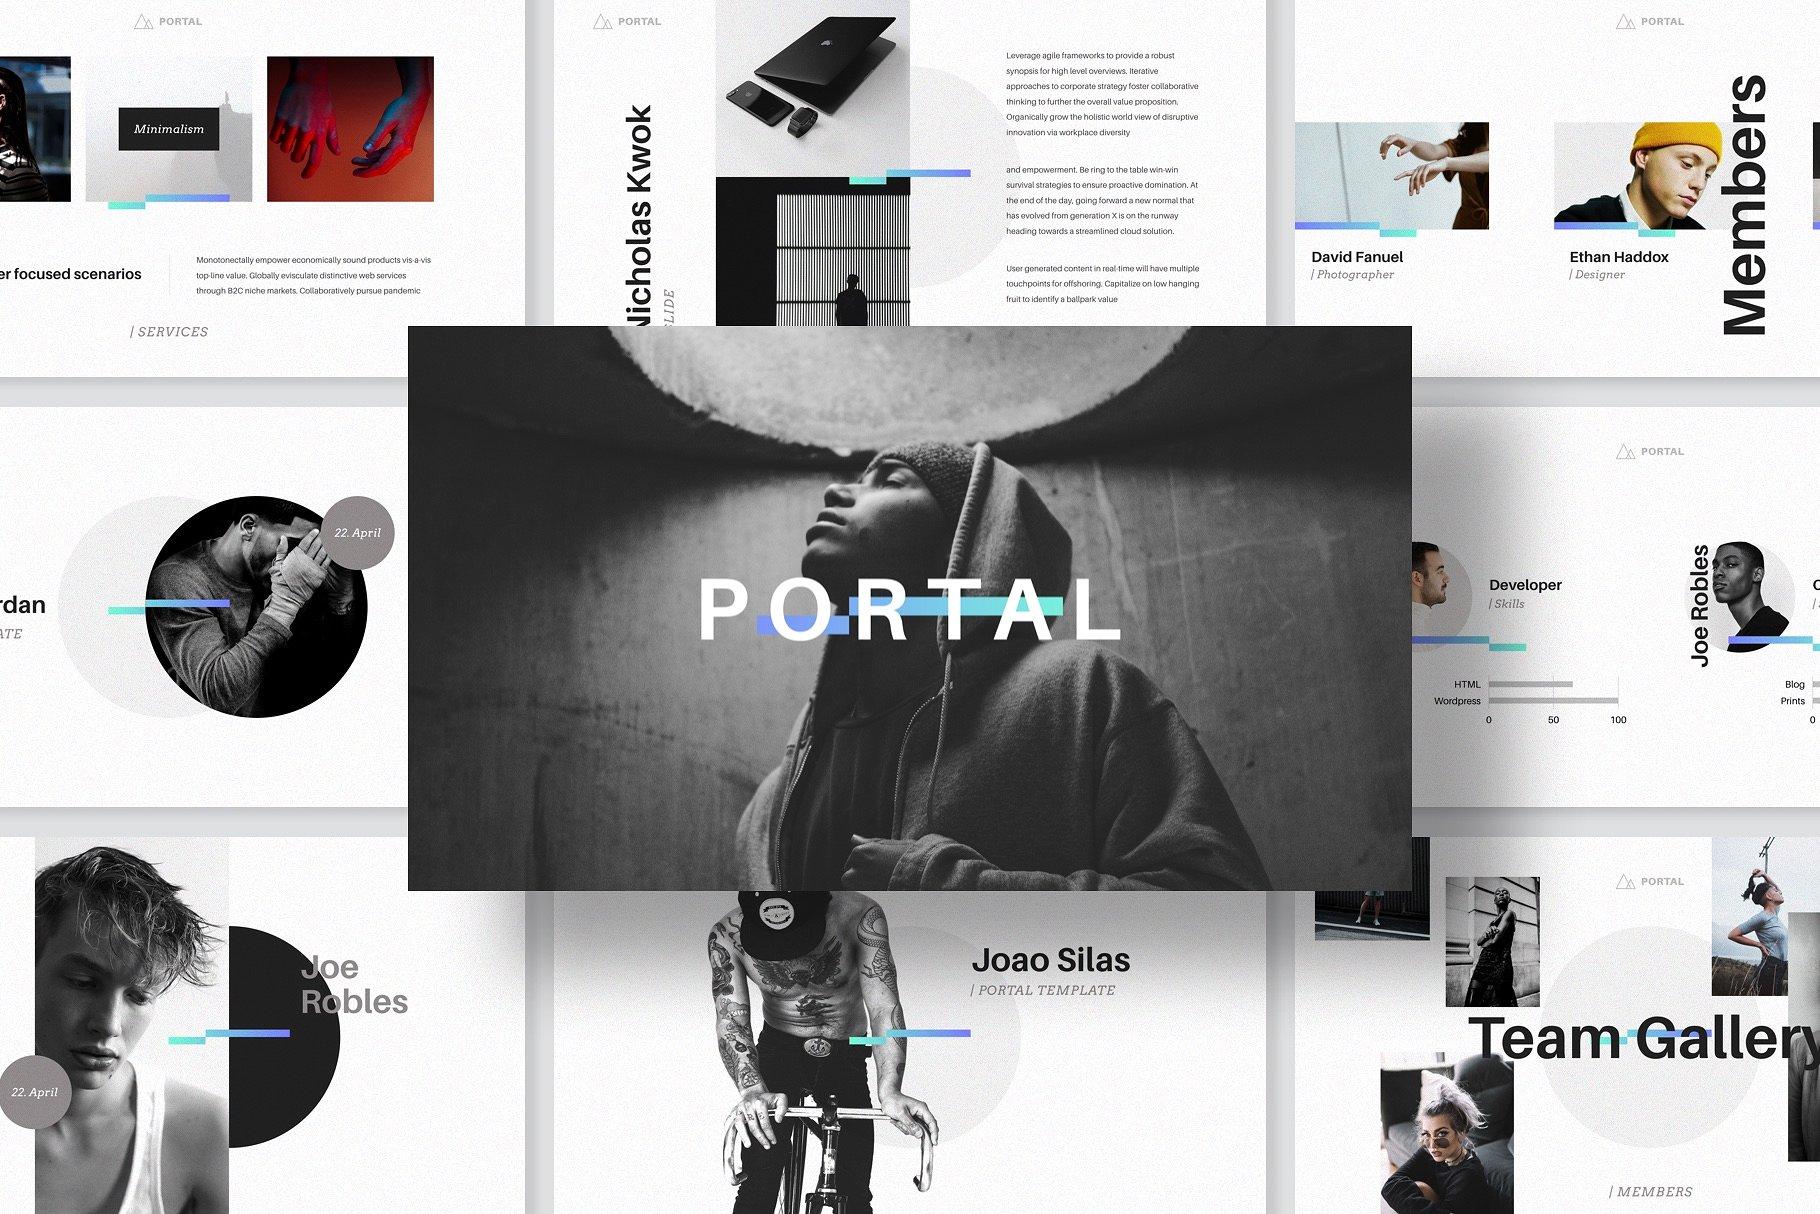 时尚的PPT和keynote模板 PORTAL Keynote Presentation Template设计素材模板